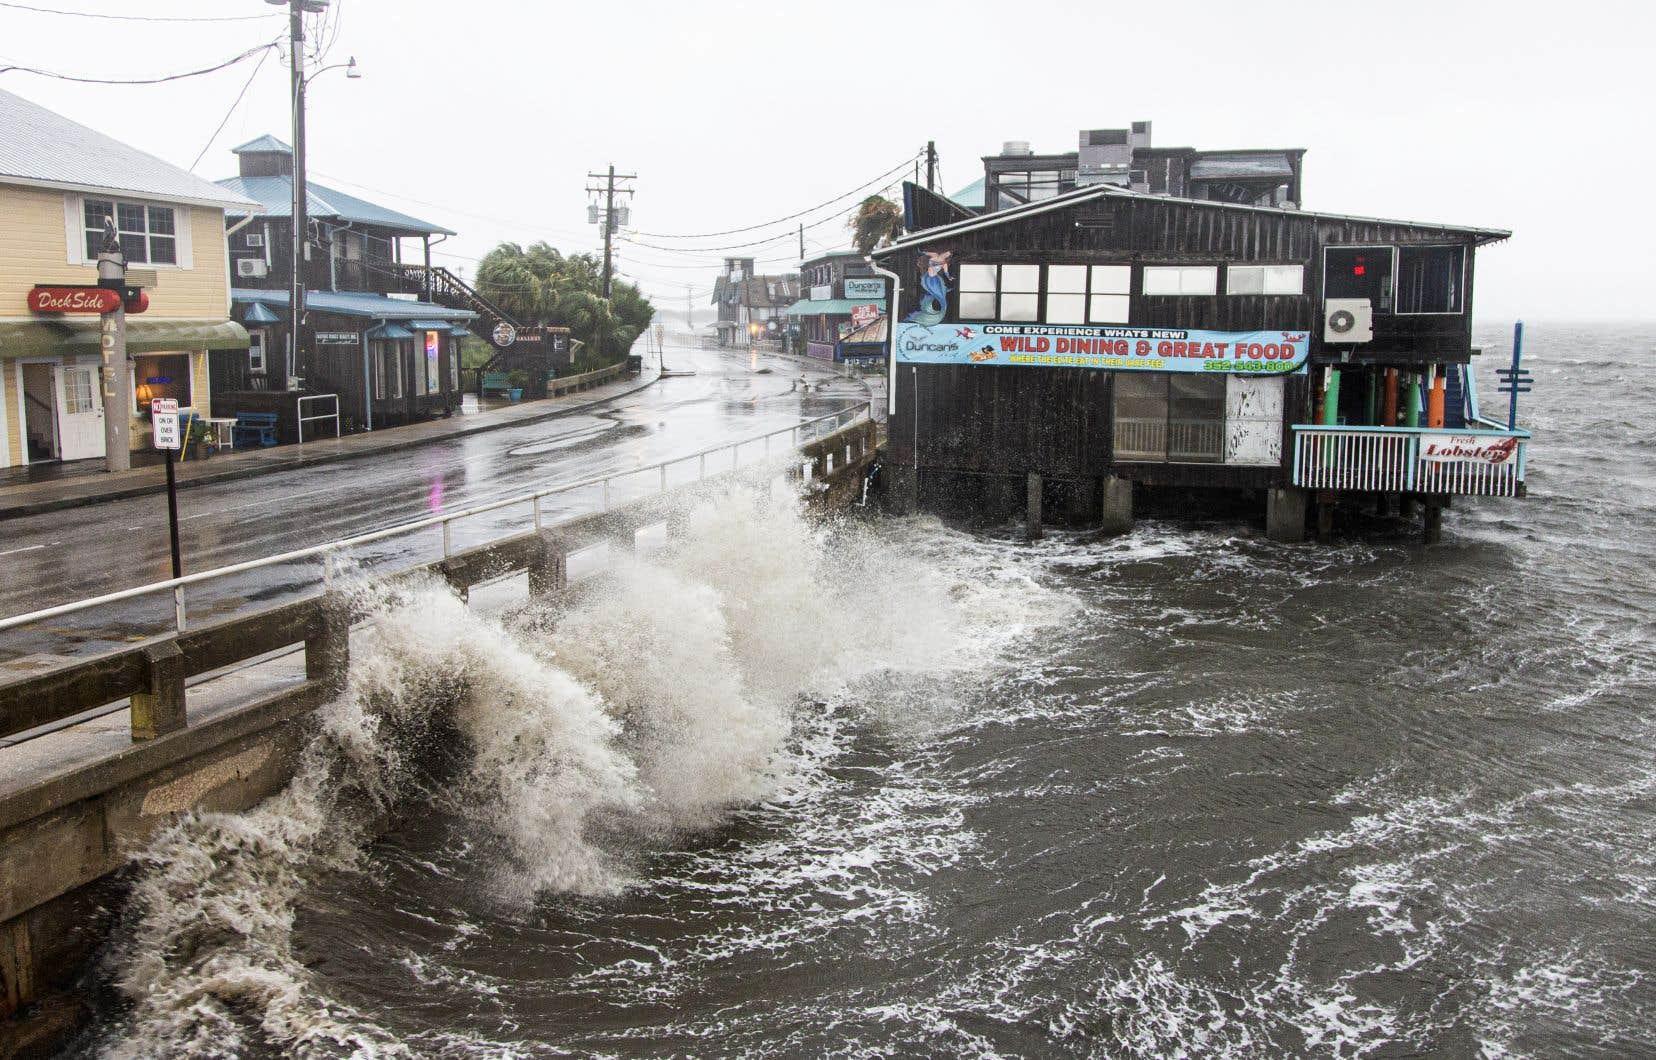 L'avertissement d'ouragan lancé à Tampa a été annulé, mais les météorologues craignaient toujours la tempête tropicale.